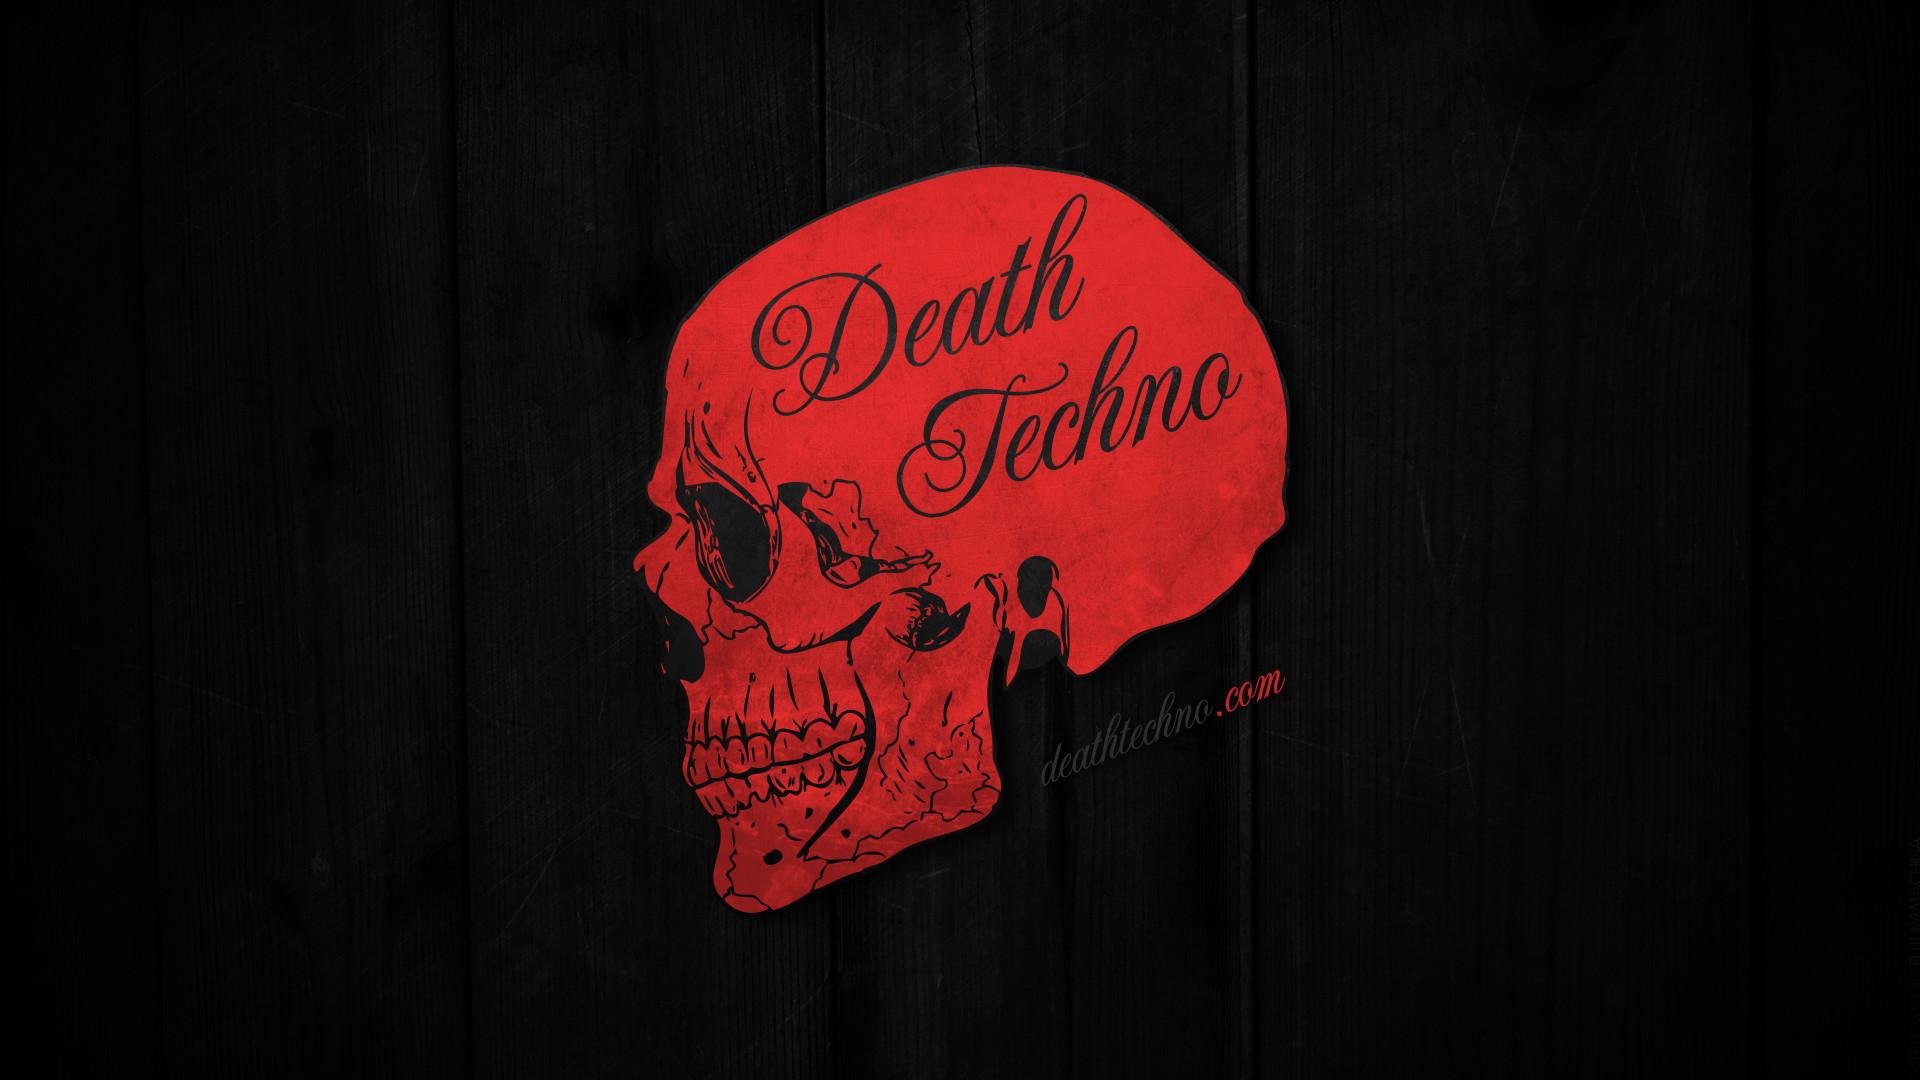 Death Techno Wallpaper 2013.2 HD 1920 x 1080